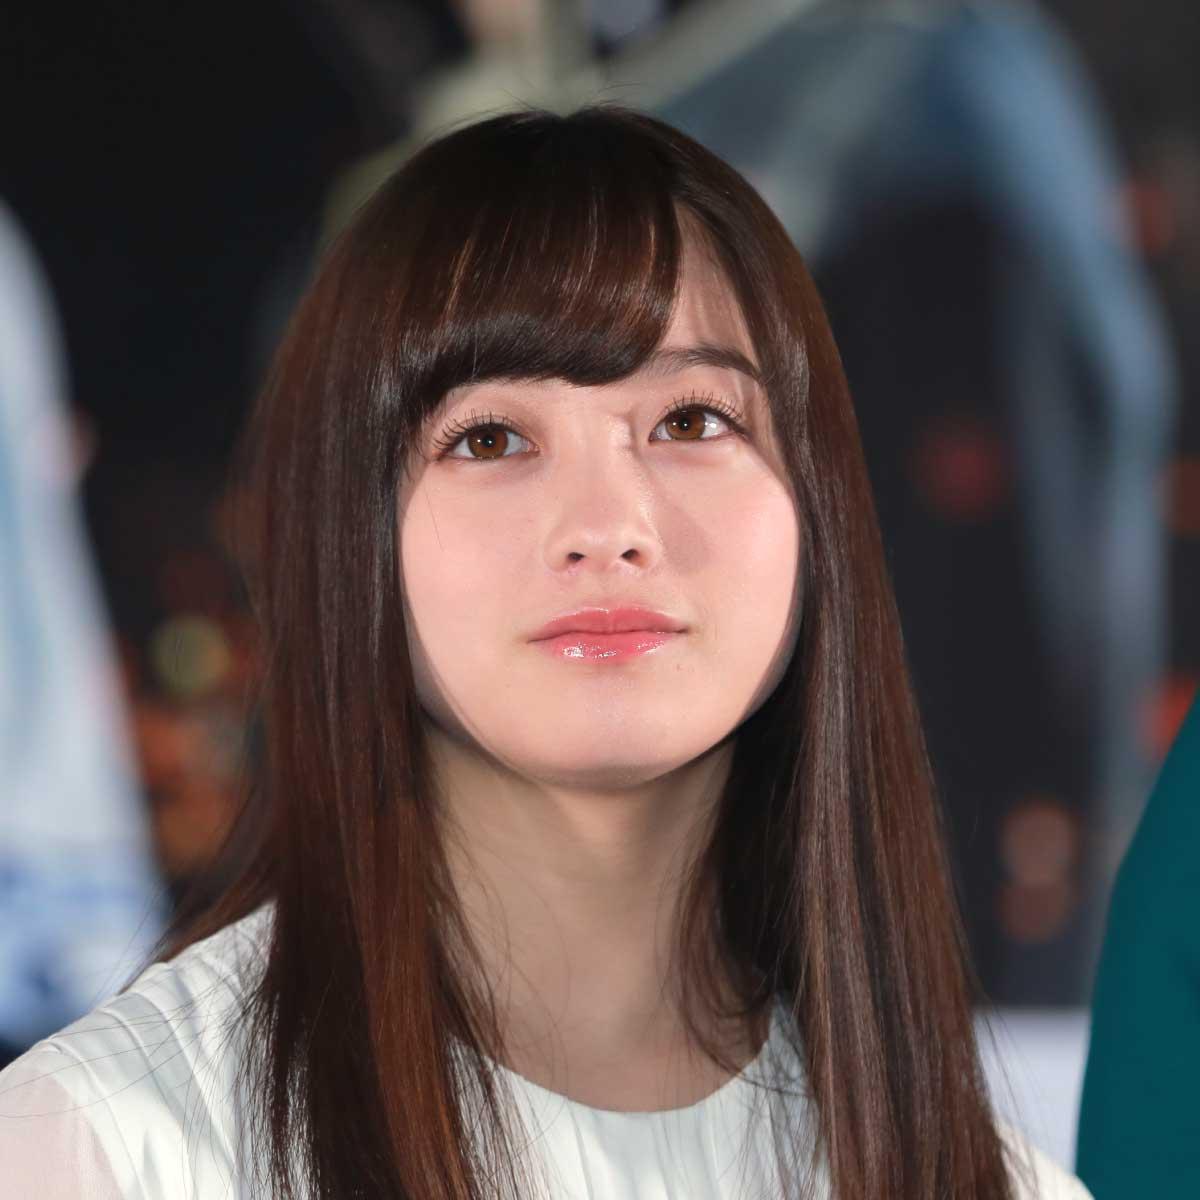 妹にしたい10~20代女優ランキング【10~30代女性に調査】(9~10位 ...